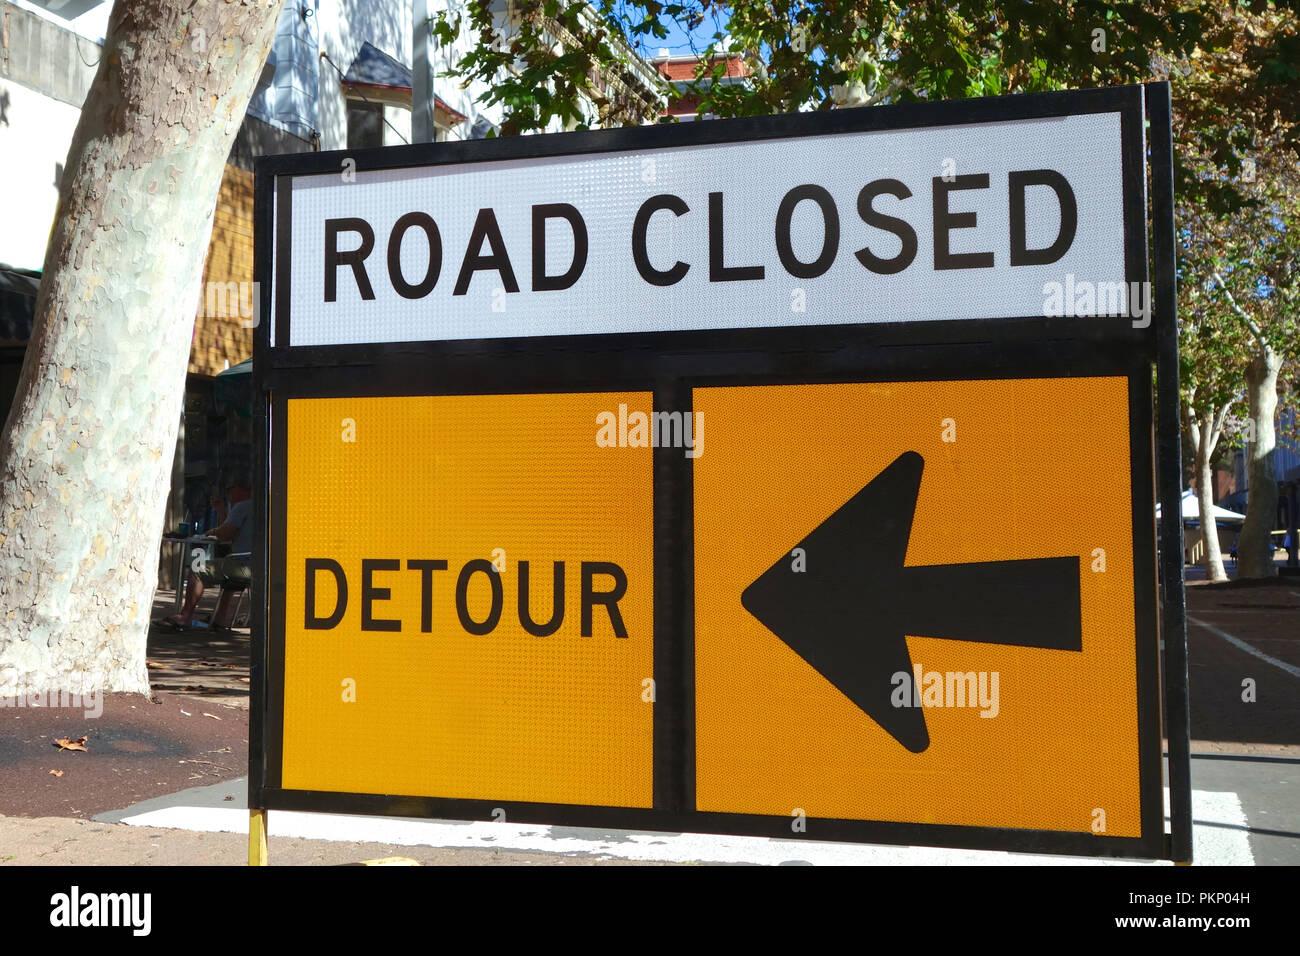 Strada chiusa deviazione segno. Foto Stock